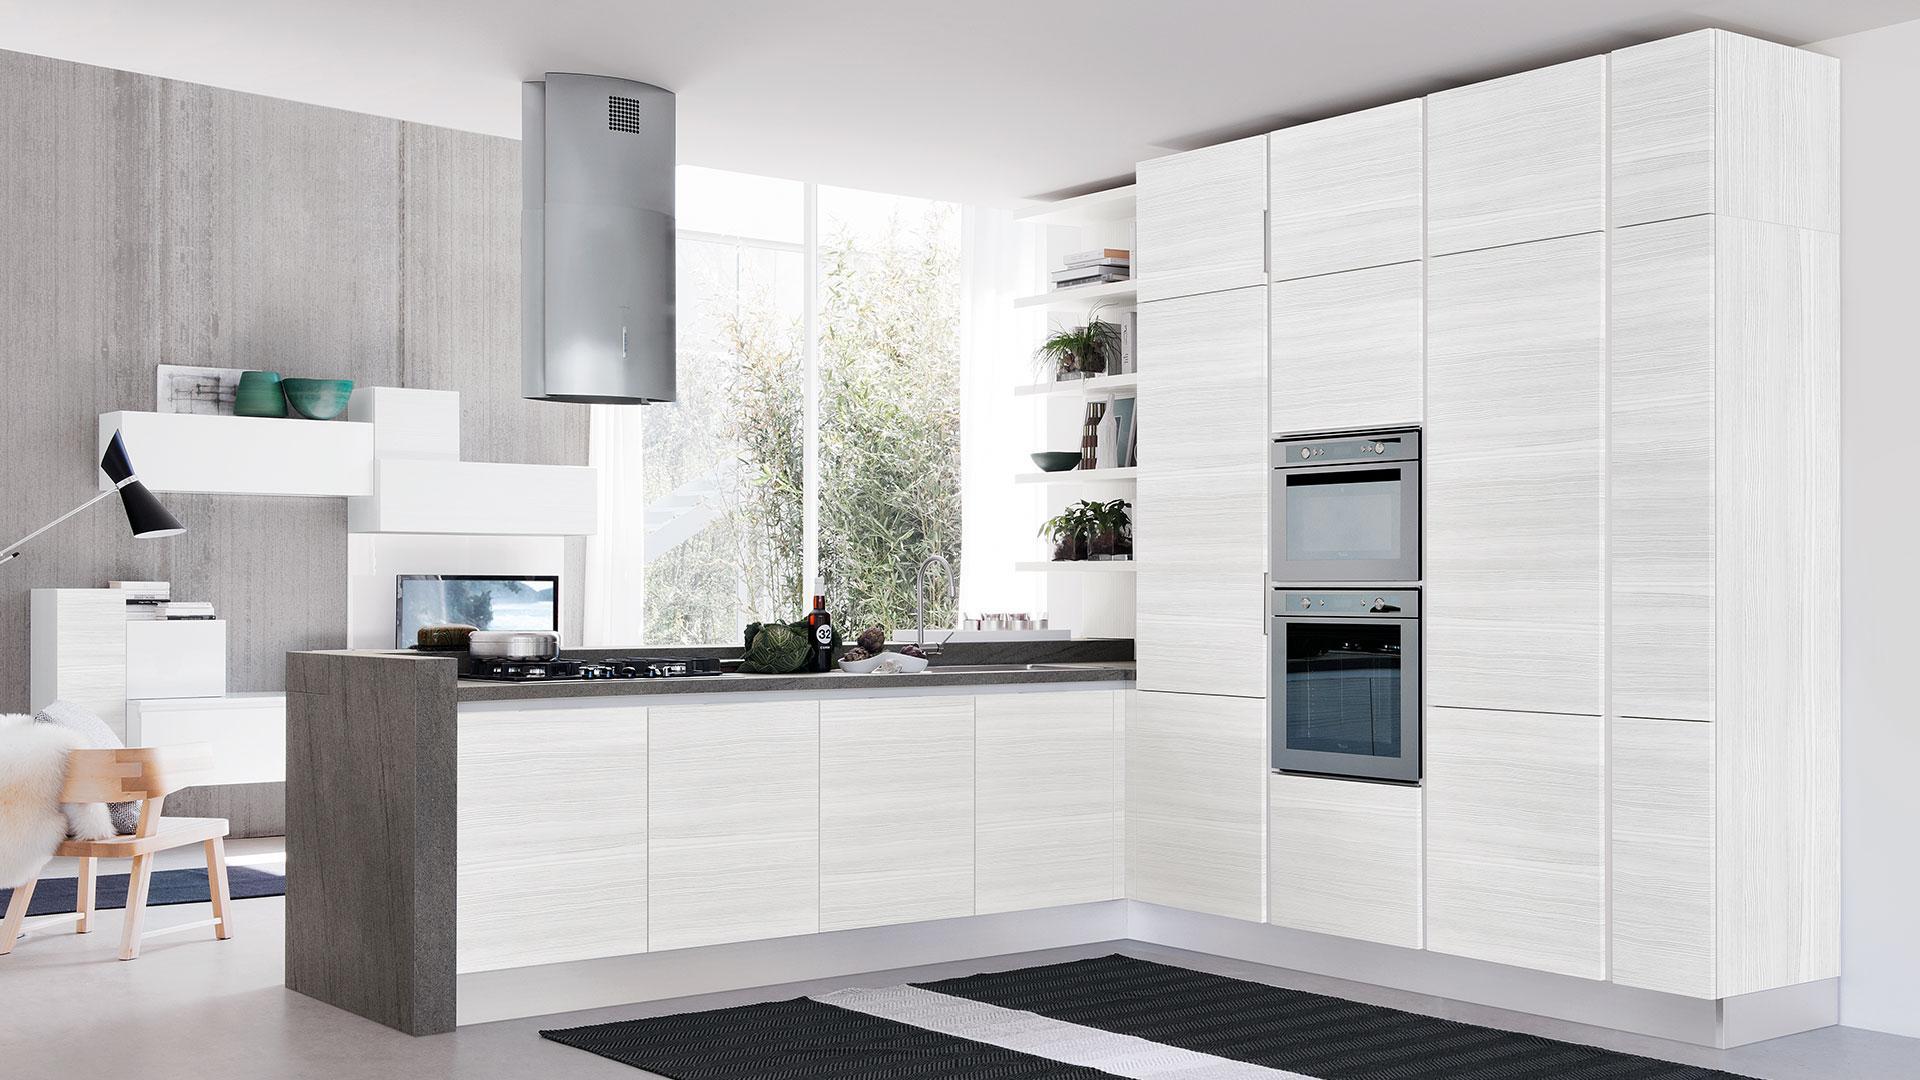 Cucine Lube Modell Essenza. Weiße Küche mit grauer Arbeitsplatte und Hochschränken mit Backofen.